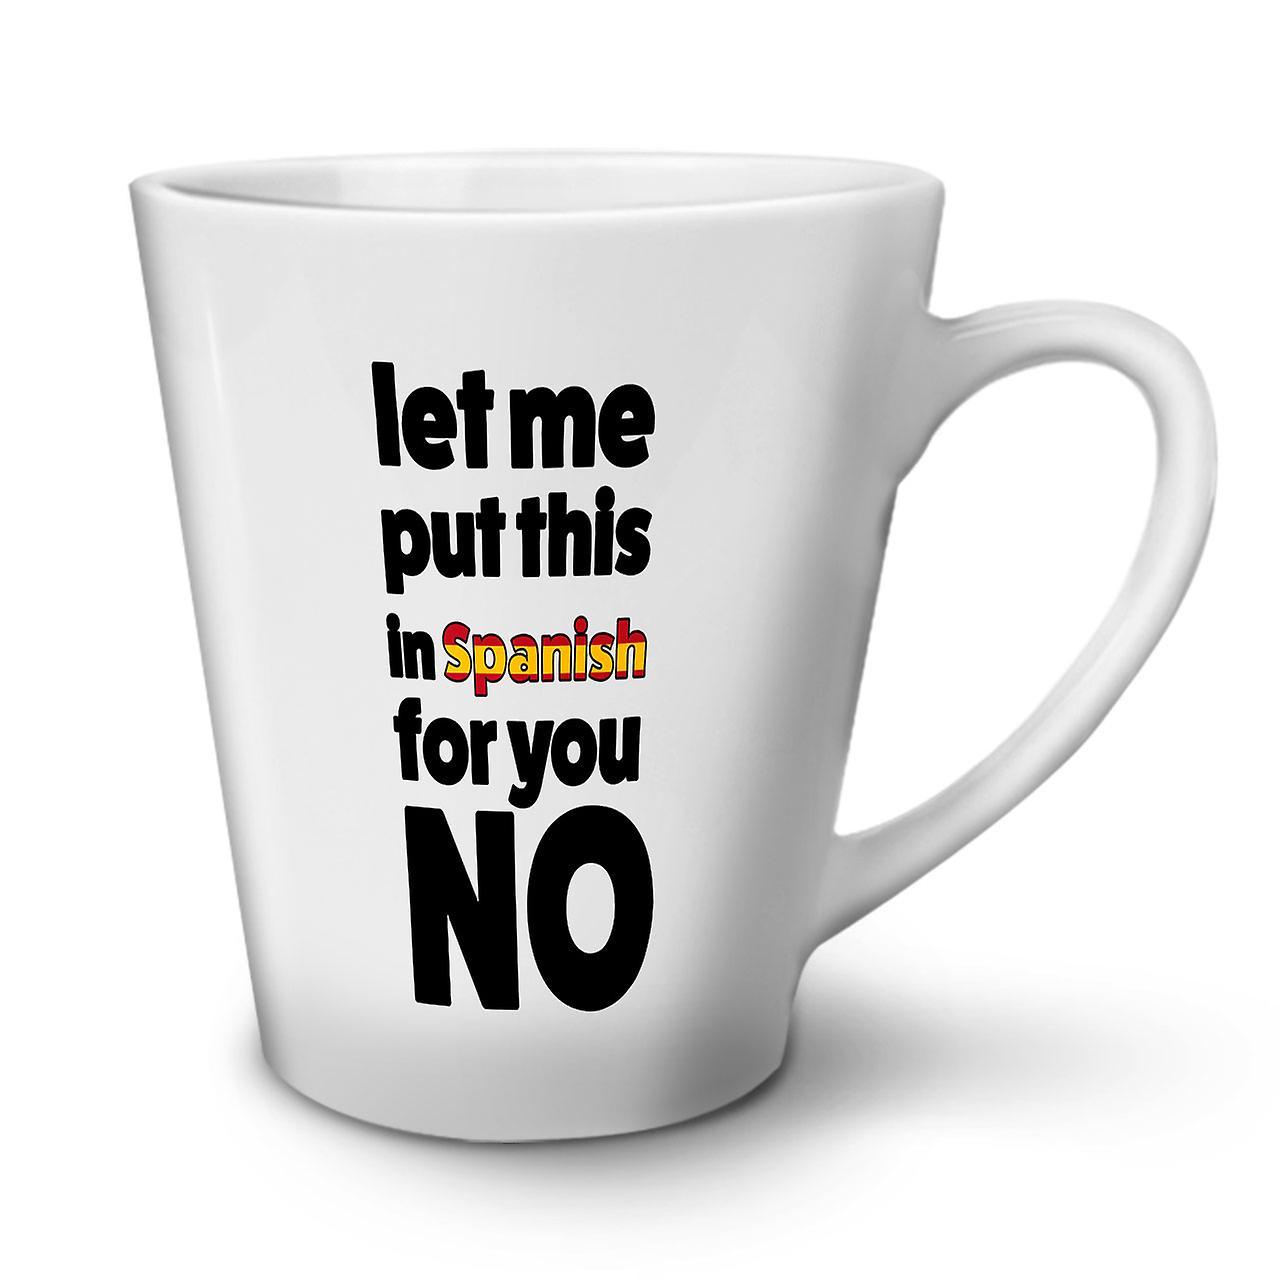 En Café Latte Pas Tasse Blanche 12 Espagnol De Nouveau Thé OzWellcoda Céramique Les 5jLA4R